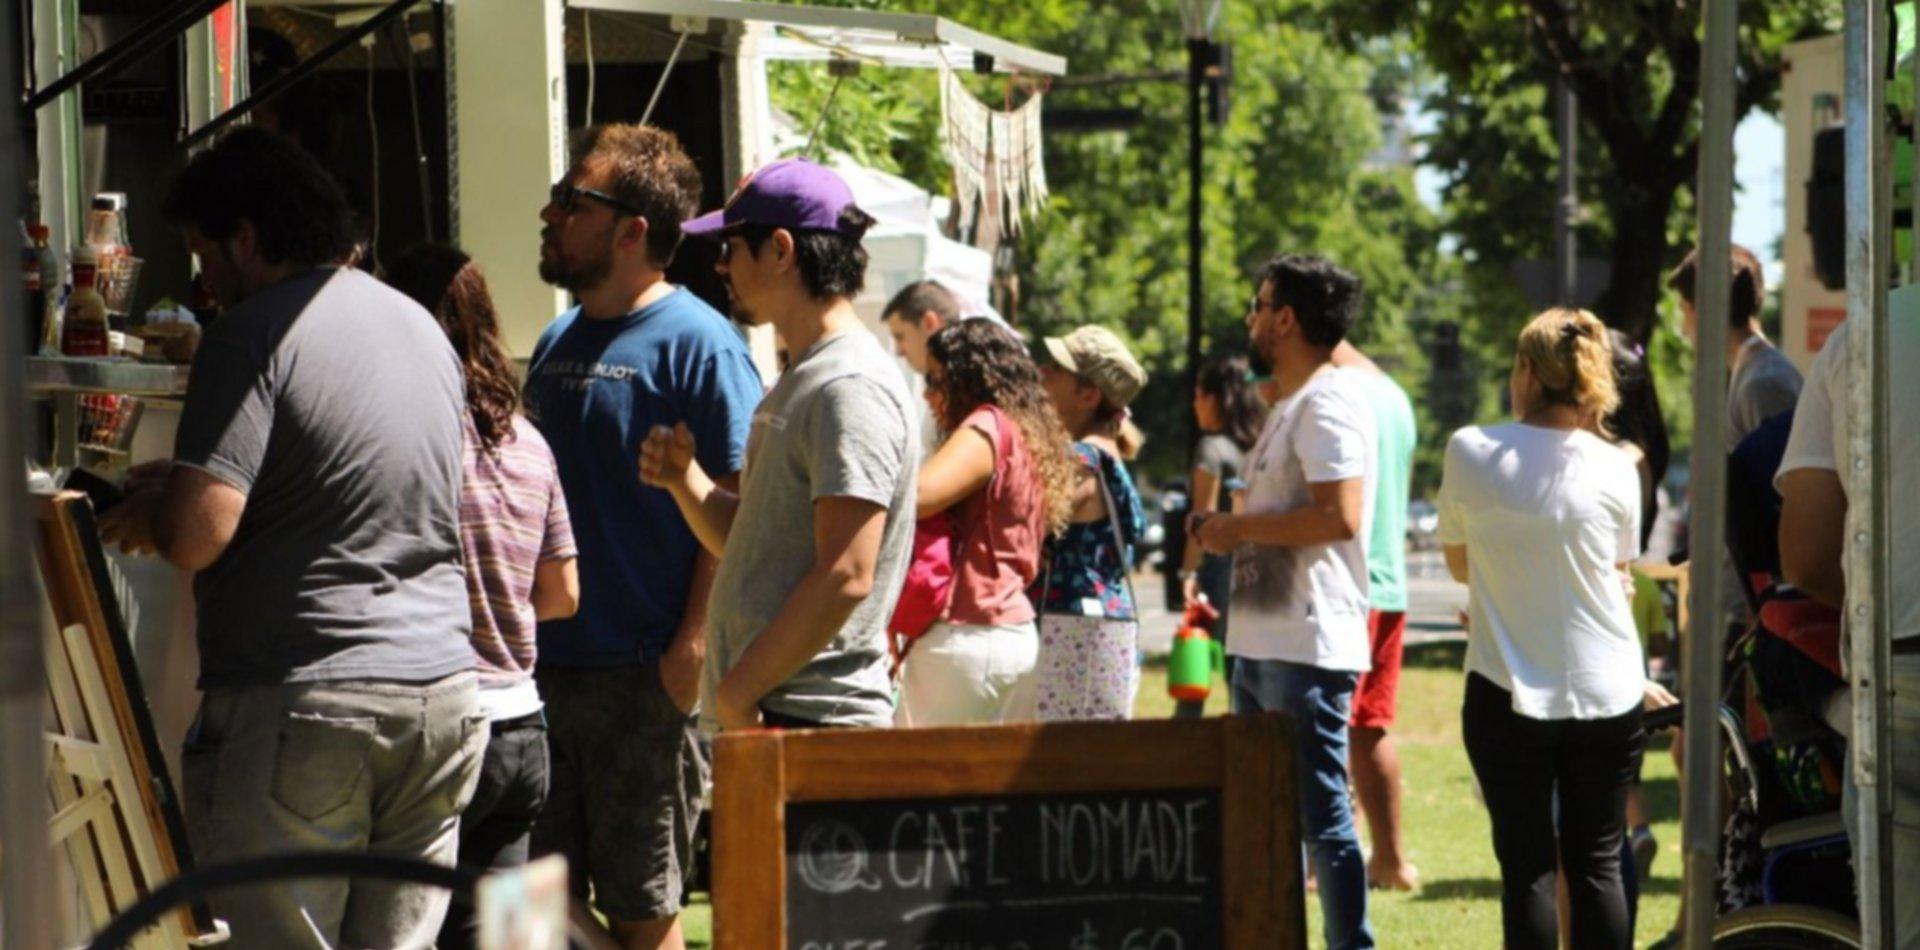 Patio gastronómico, música en vivo, artesanías y espectáculos llegan a plaza Azcuénaga